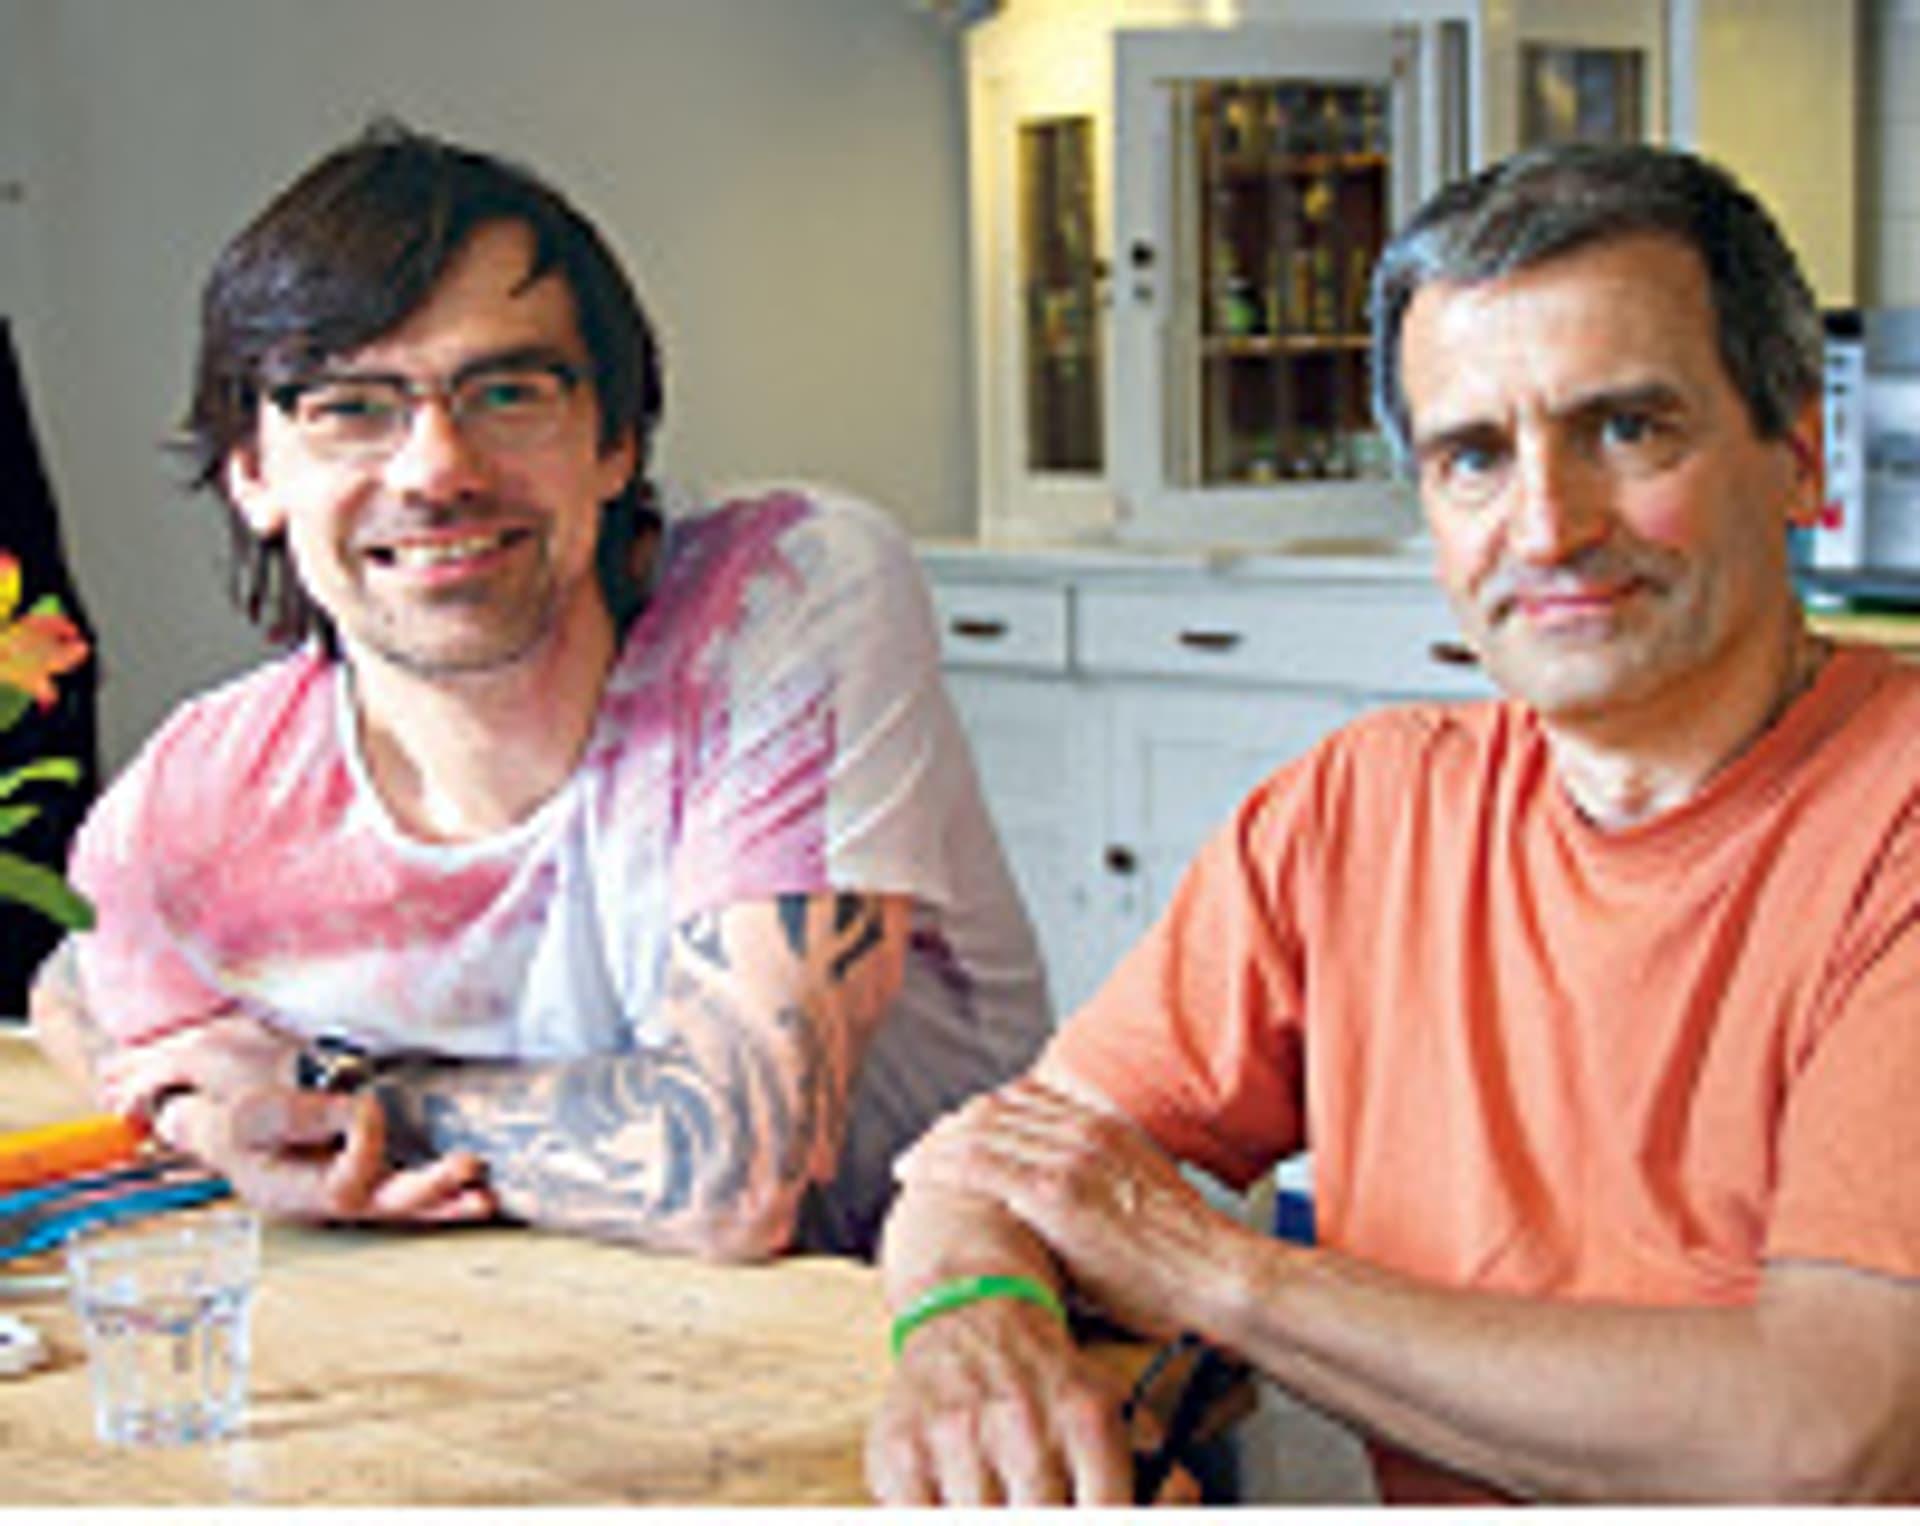 Volker Mehl und Manfred Loosen (Foto: Privat)